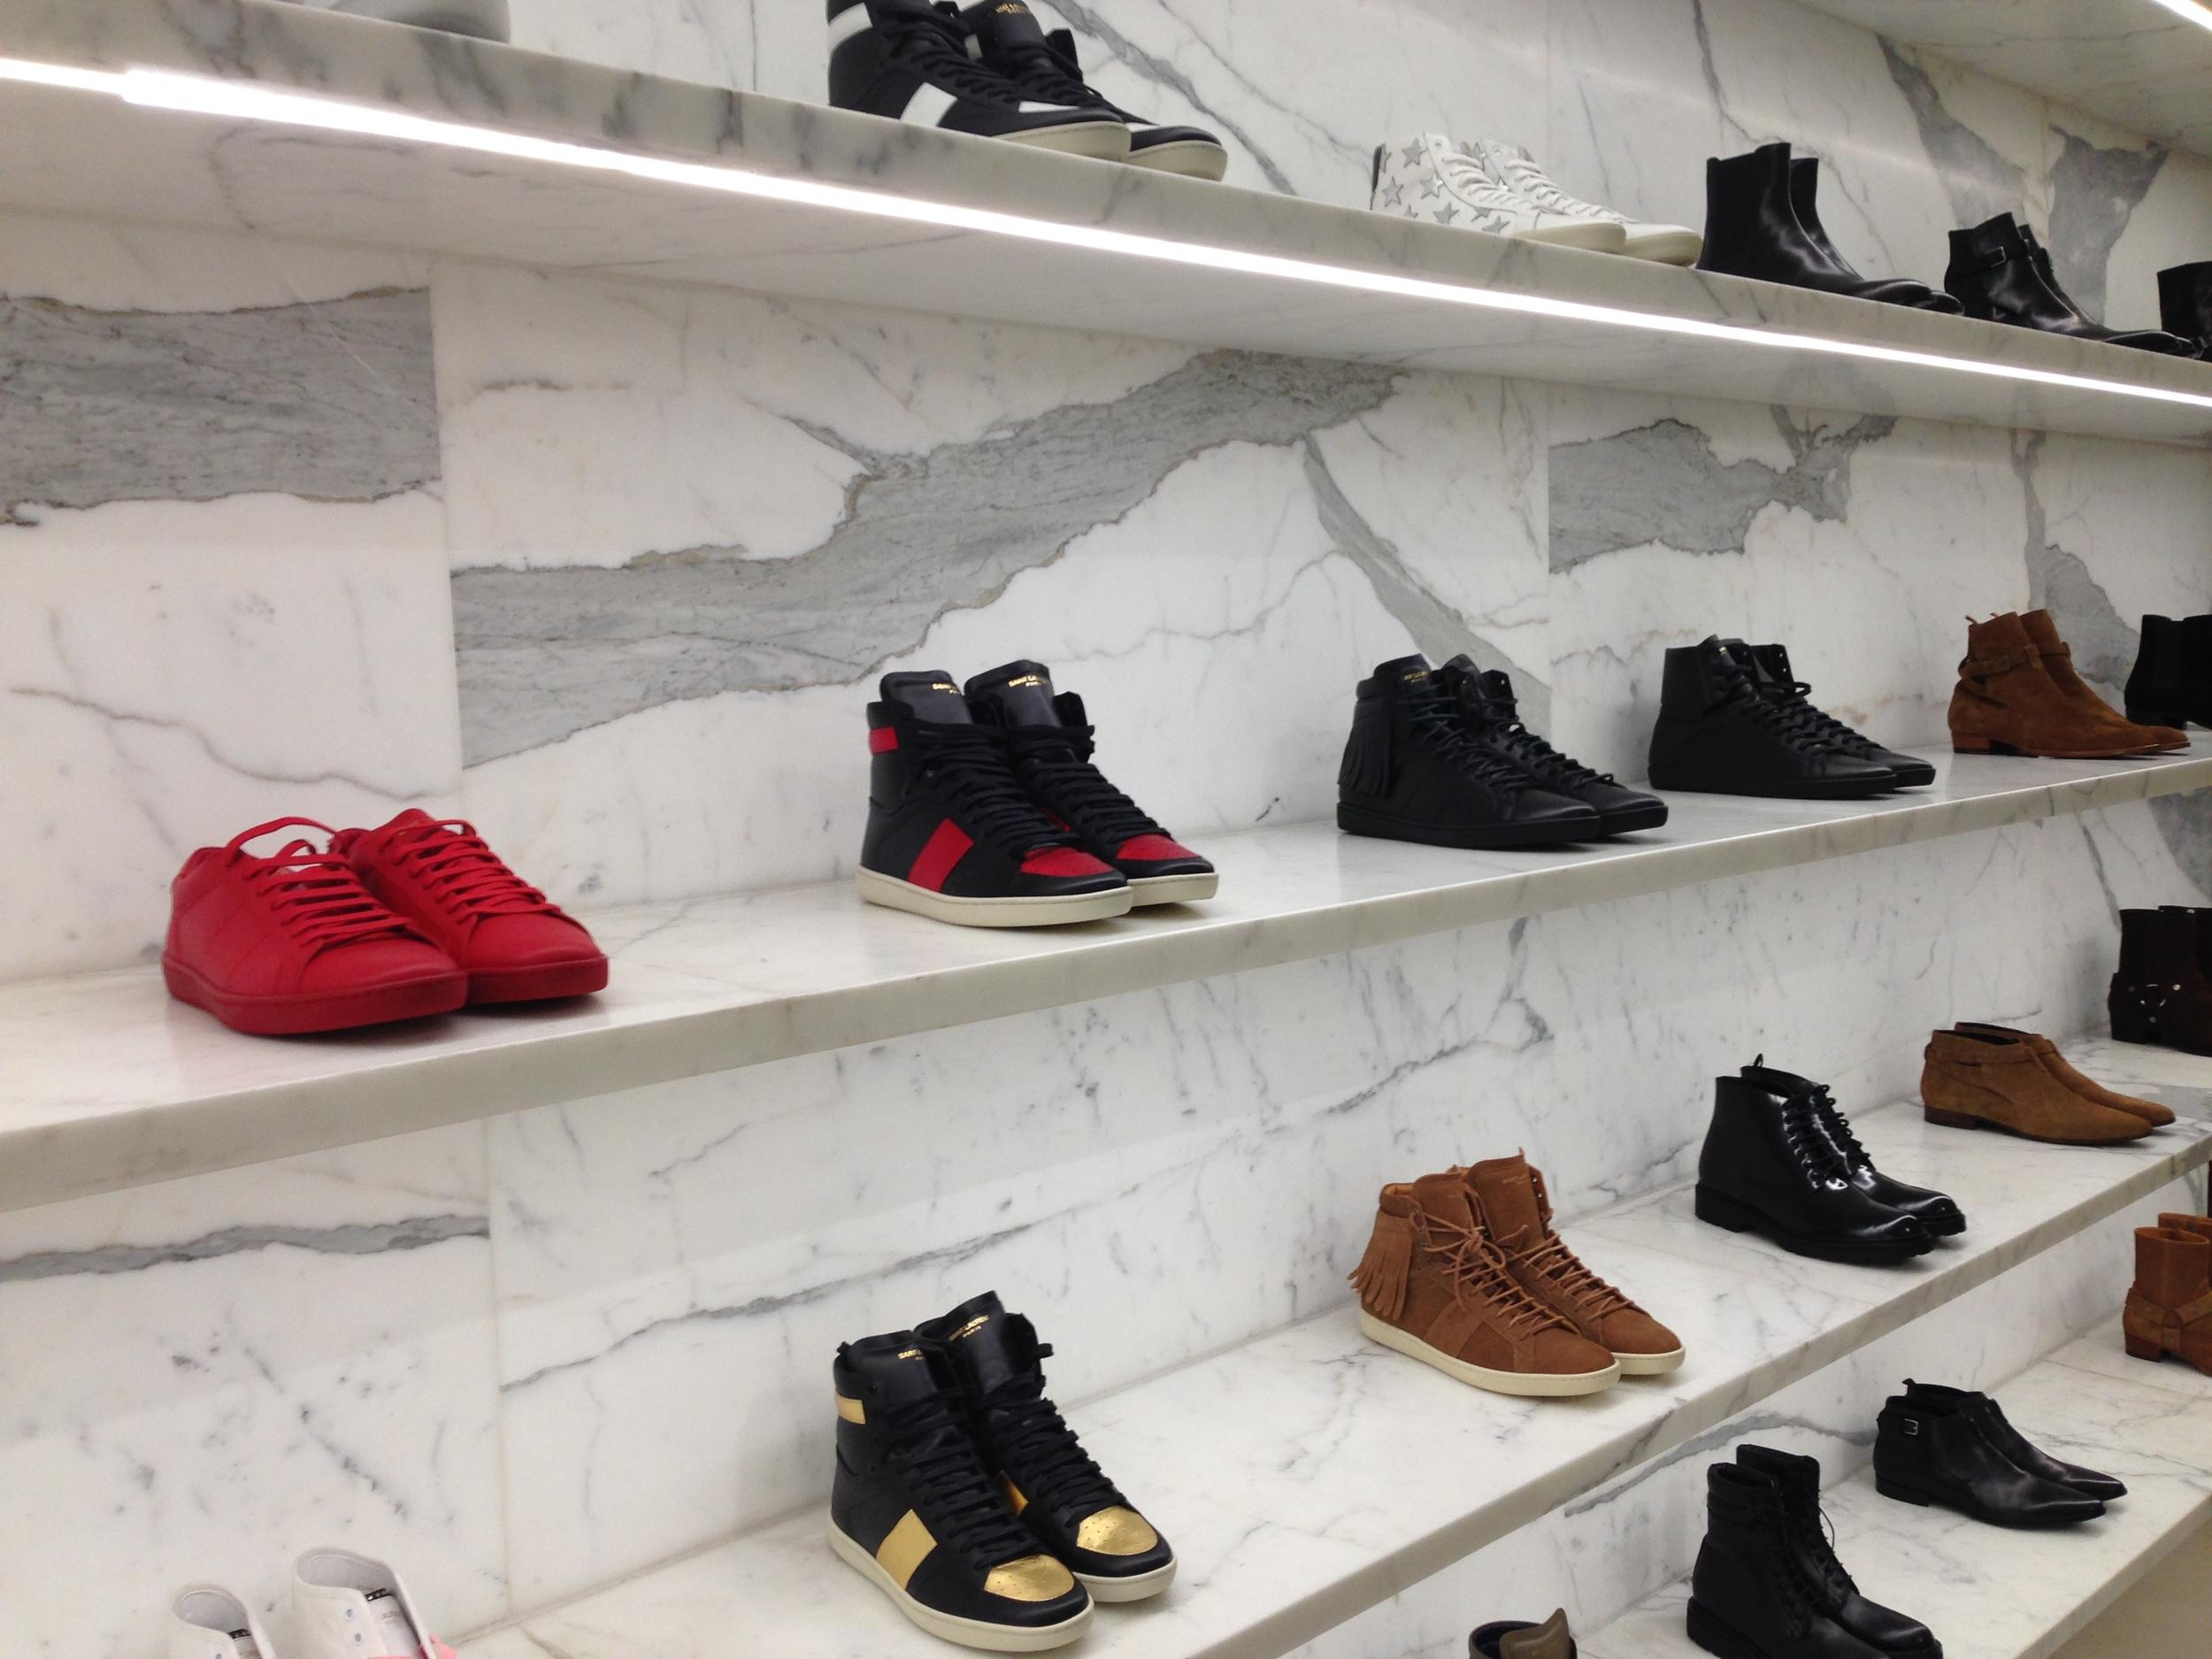 The sneaker display at a Saint Laurent Paris boutique, Dec 2015